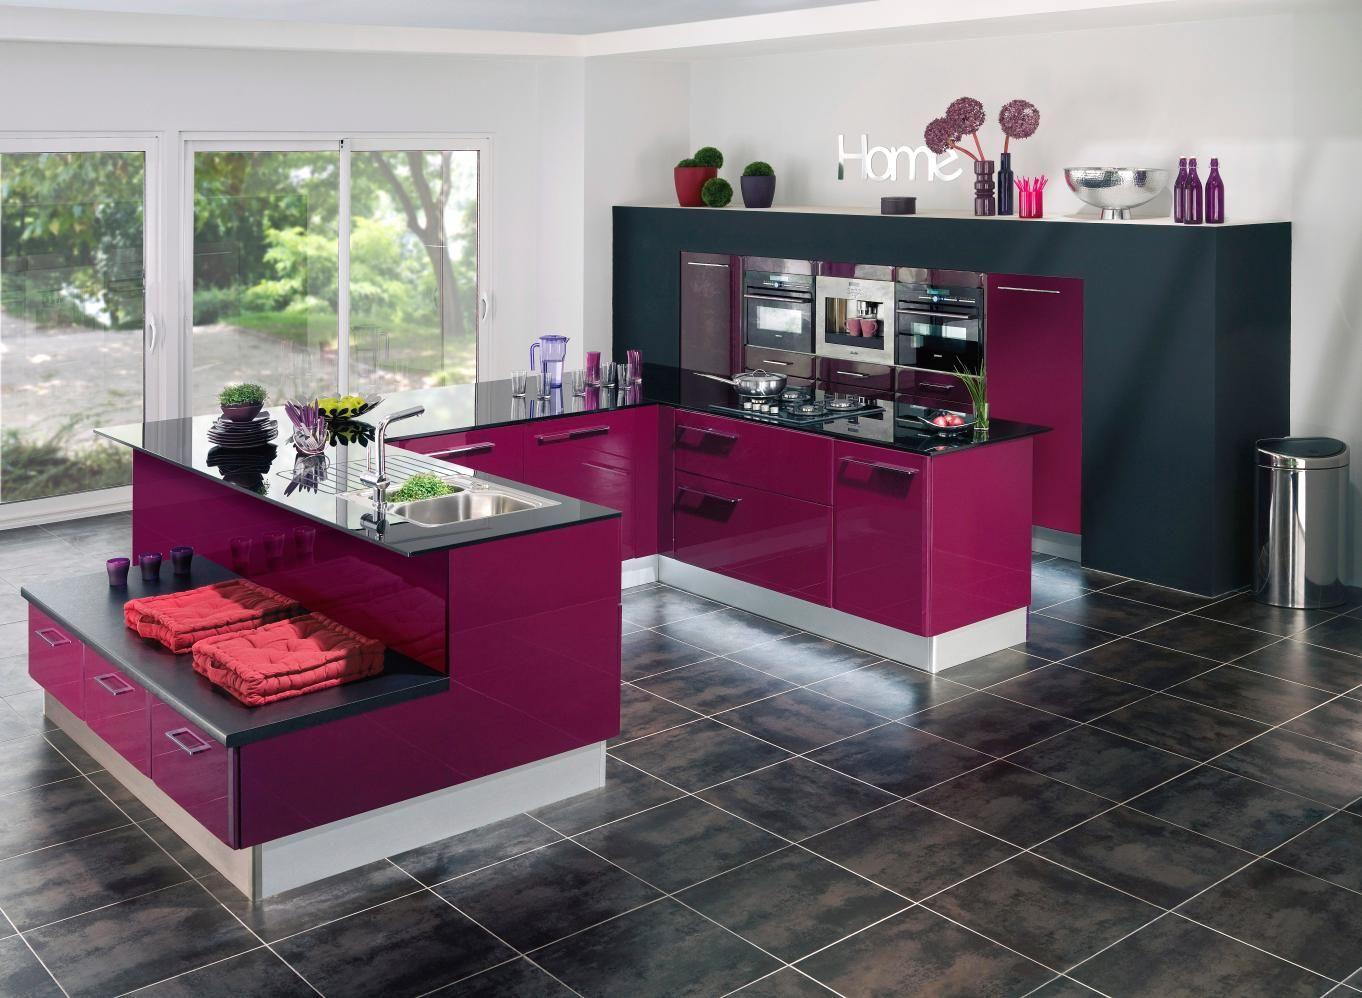 Collection contemporaine CARAT. Ces meubles design jouent sur leurs 19 couleurs tendance et leur finition mate ou brillante pour faire souffler un vent de nouveauté dans la cuisine.